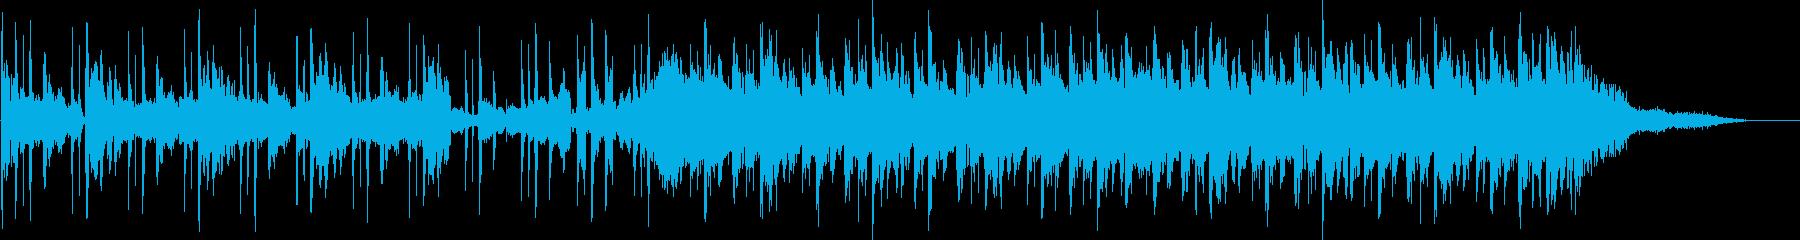 30秒CM向けエレクトロポップの再生済みの波形